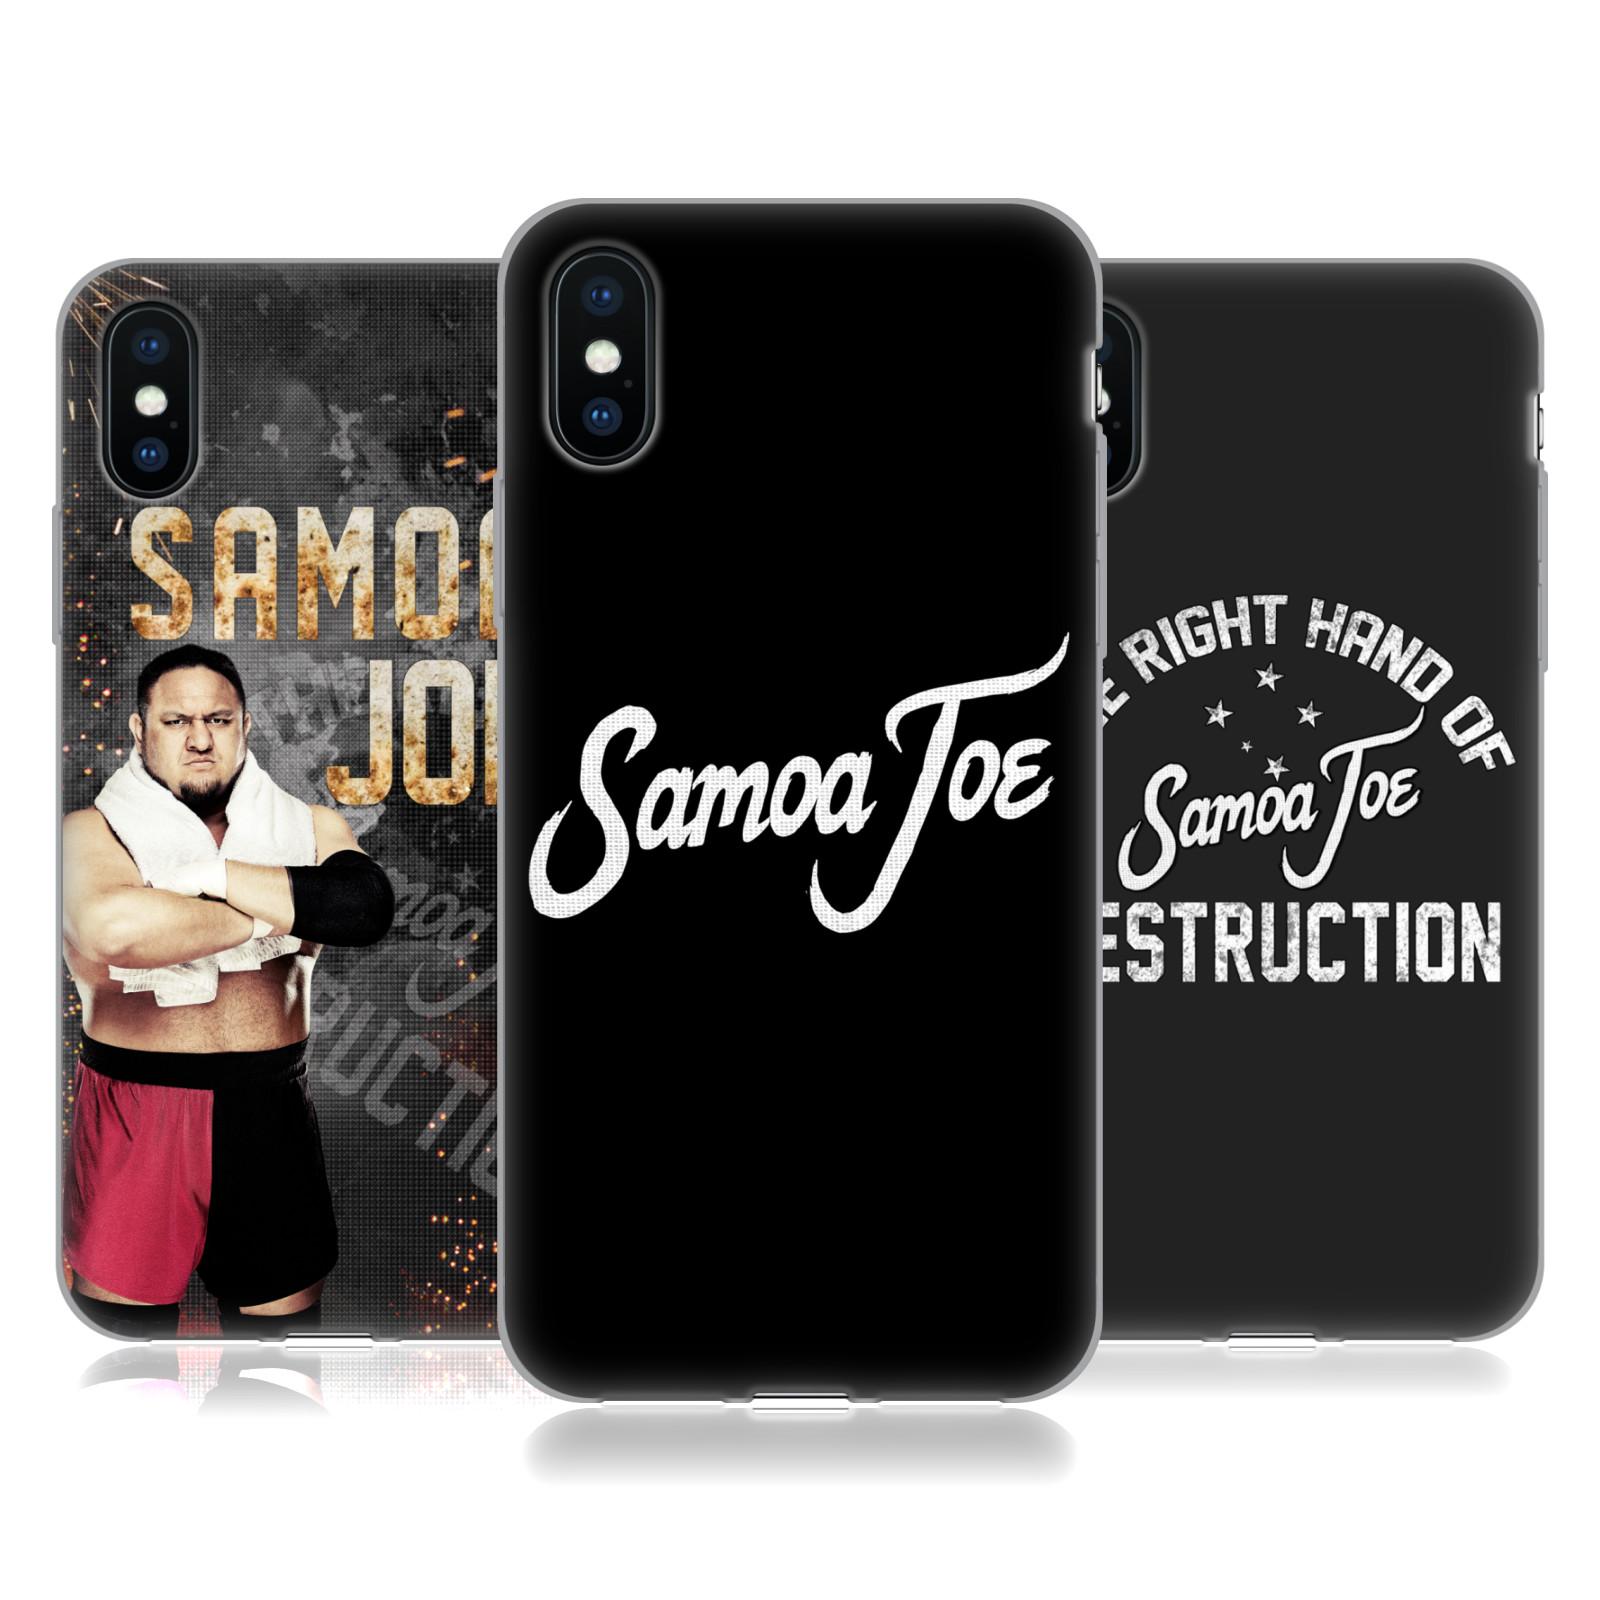 WWE <!--translate-lineup-->Samoa Joe<!--translate-lineup-->